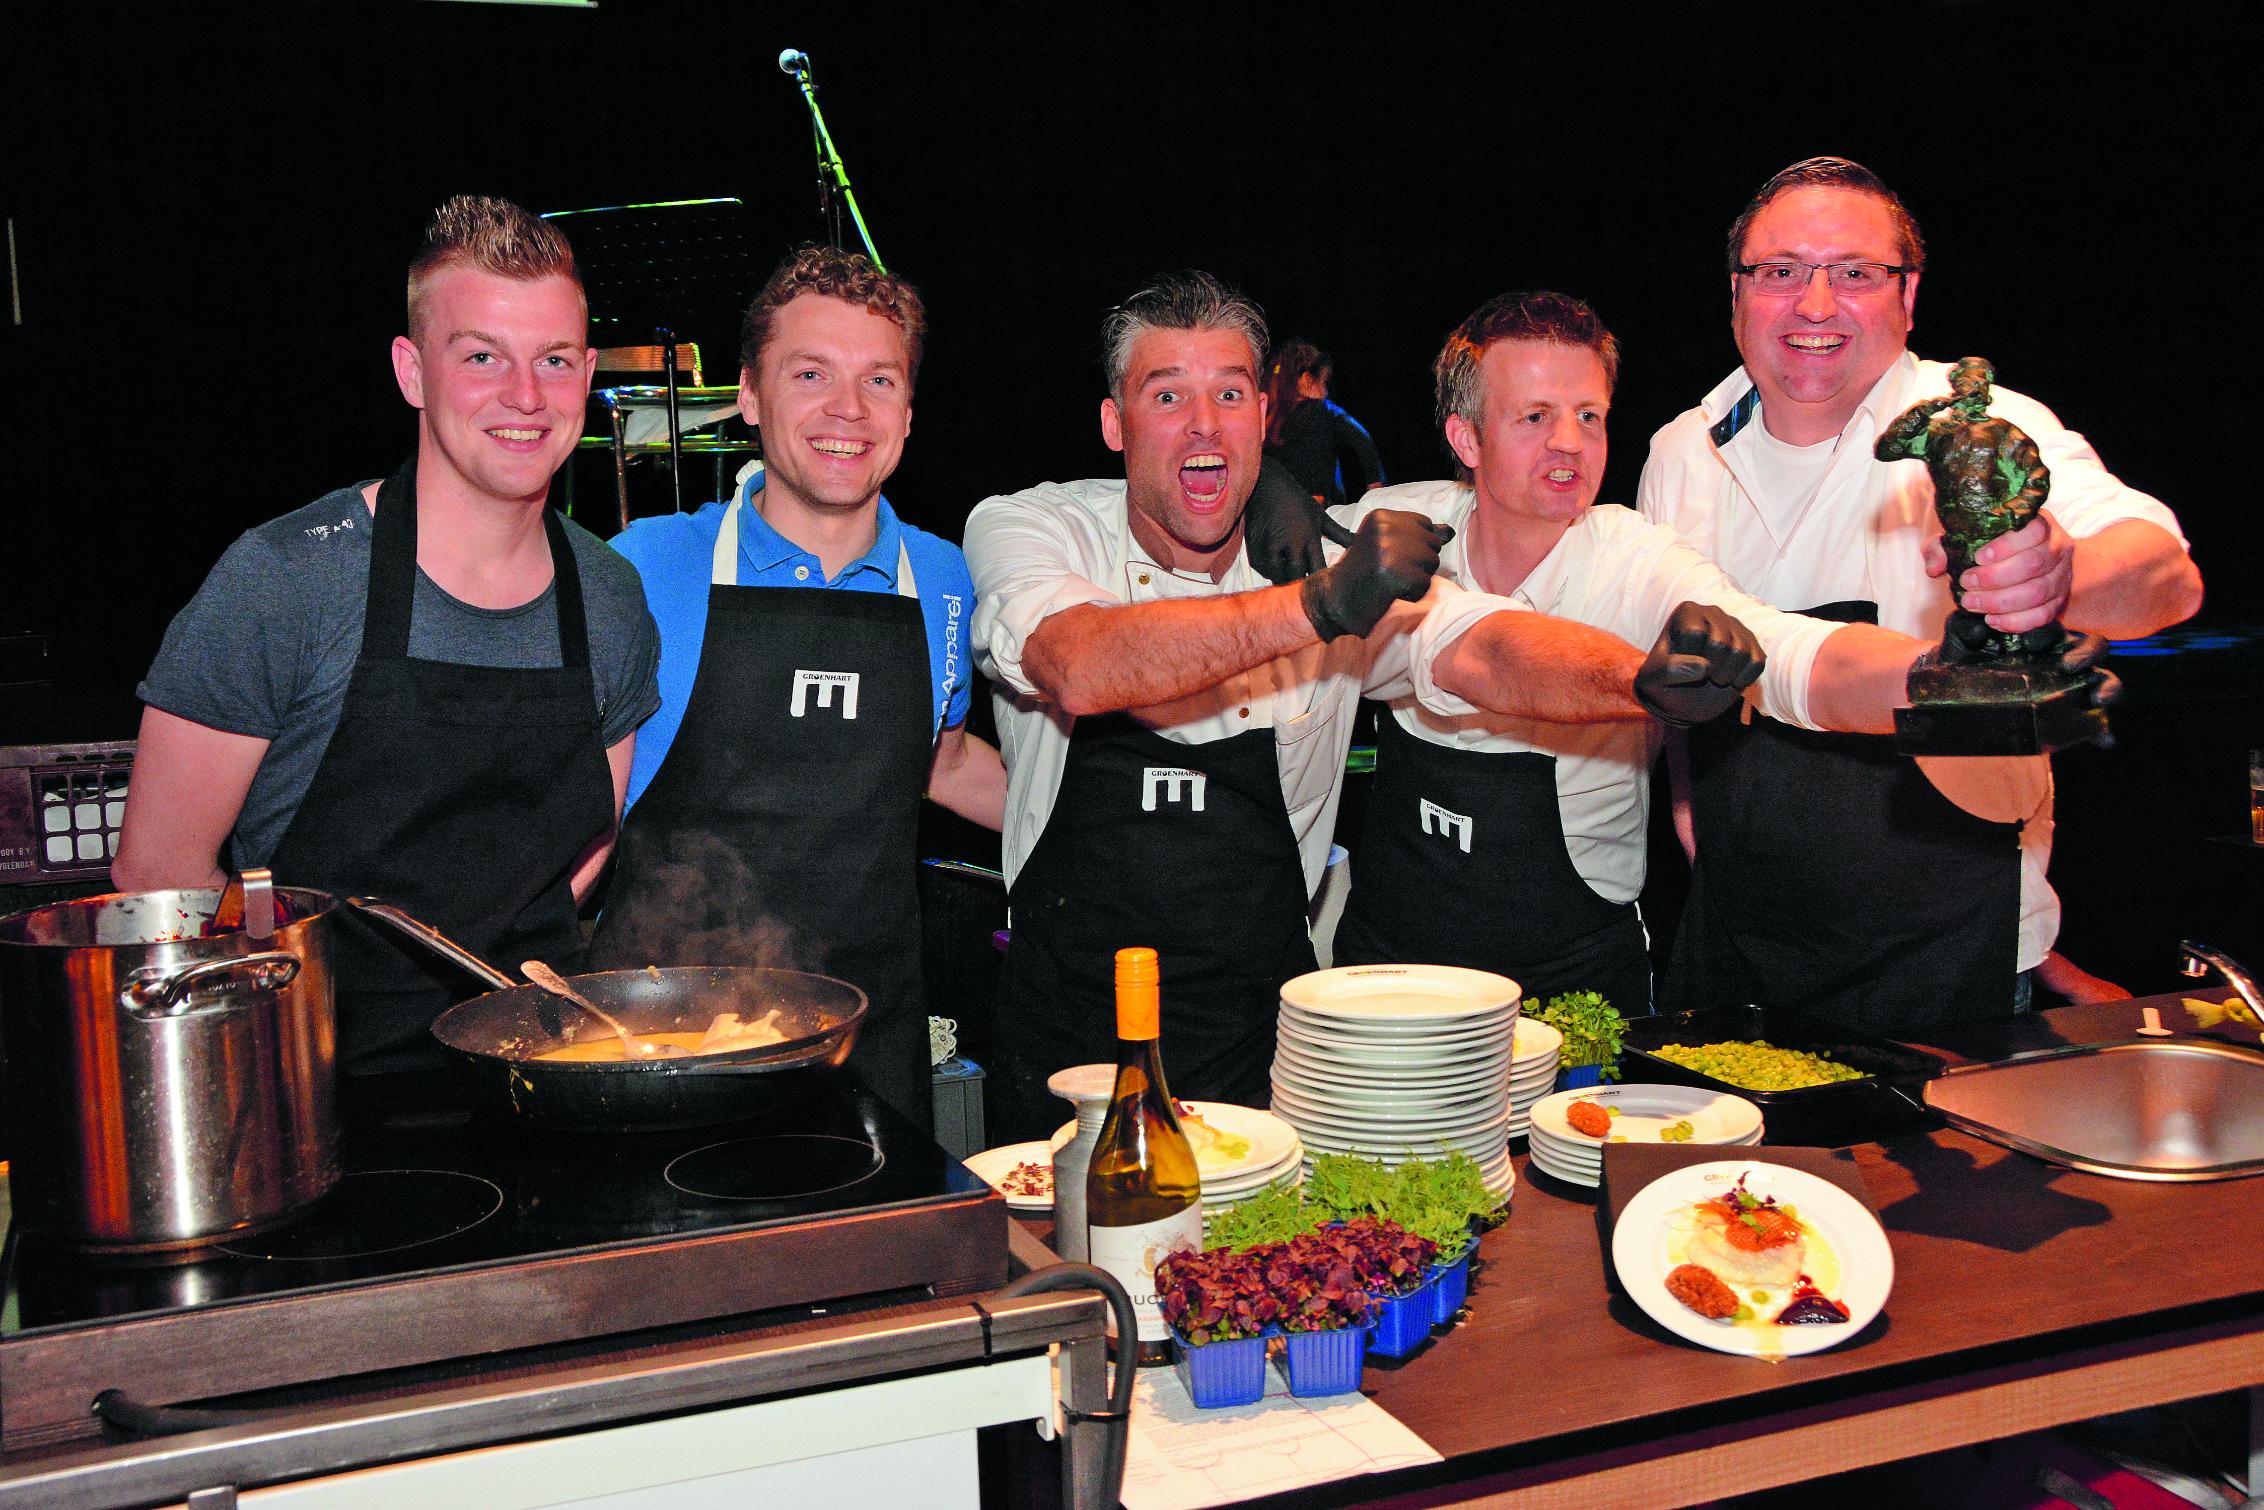 Vorig jaar werd het team Groenhart uitgeroepen tot winnaar. (Archieffoto: Rolf Rijken) rodi.nl © rodi